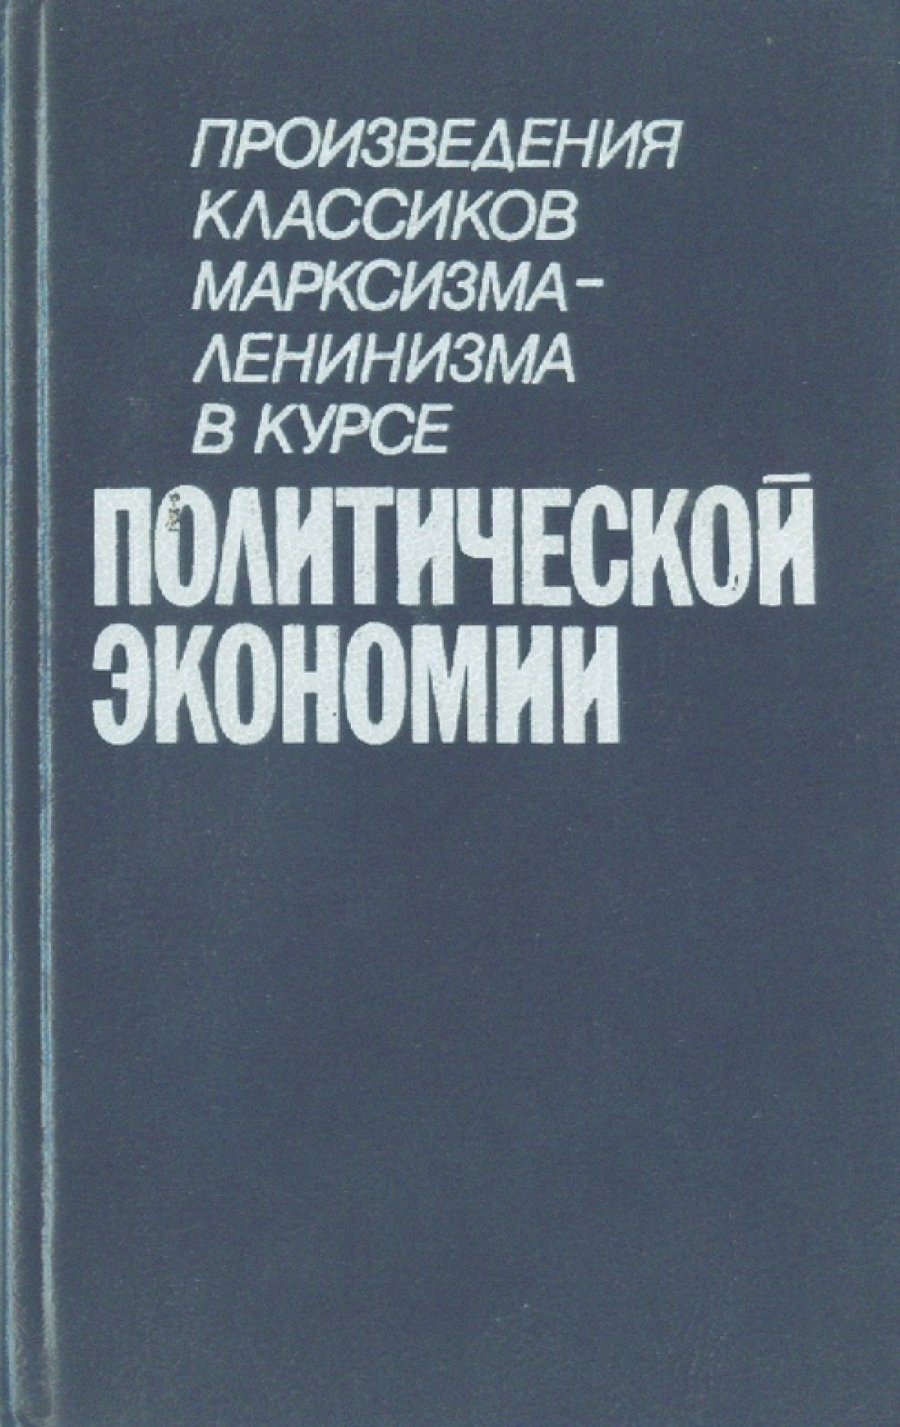 Обложка книги:  произведения классиков марксизма-ленинизма в курсе политической экономии (изд. 2-е)